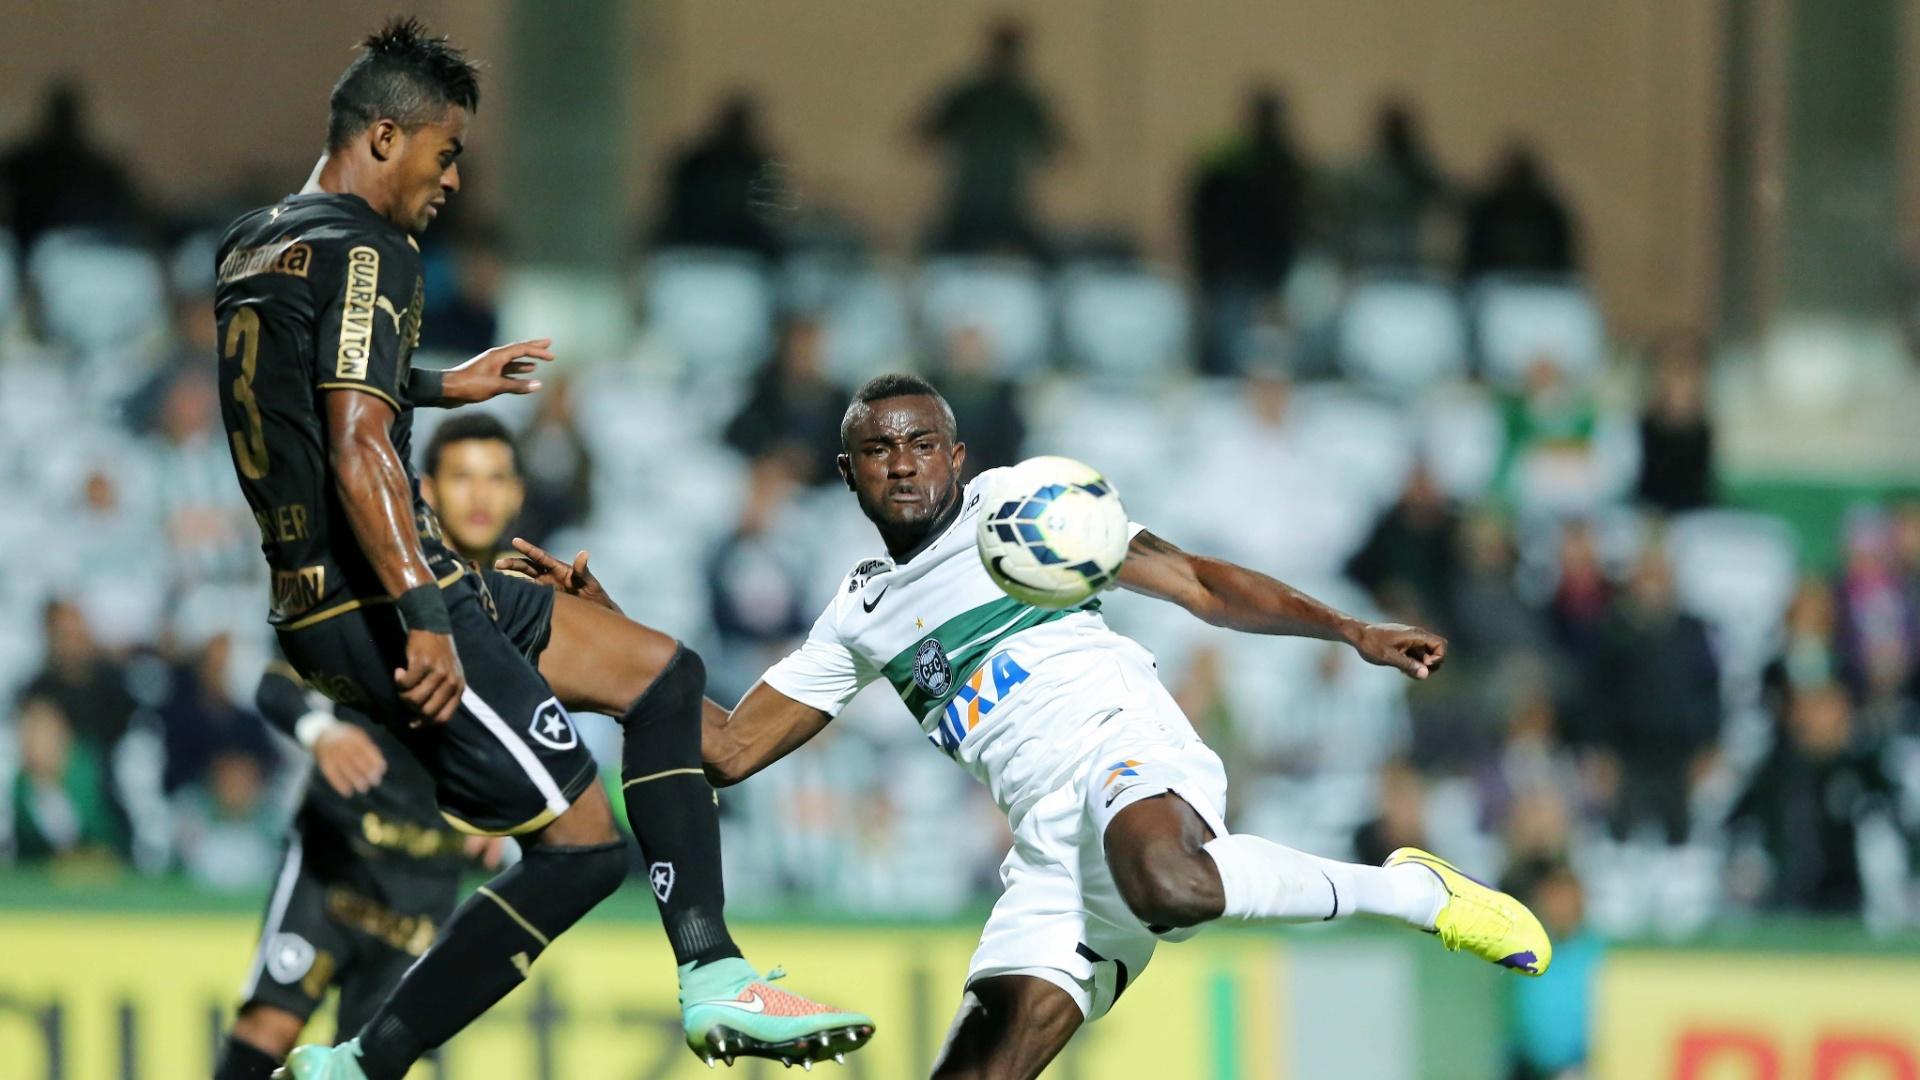 Joel se prepara para chutar contra o gol de Jefferson, no jogo entre Coritiba e Botafogo, pelo Brasileirão